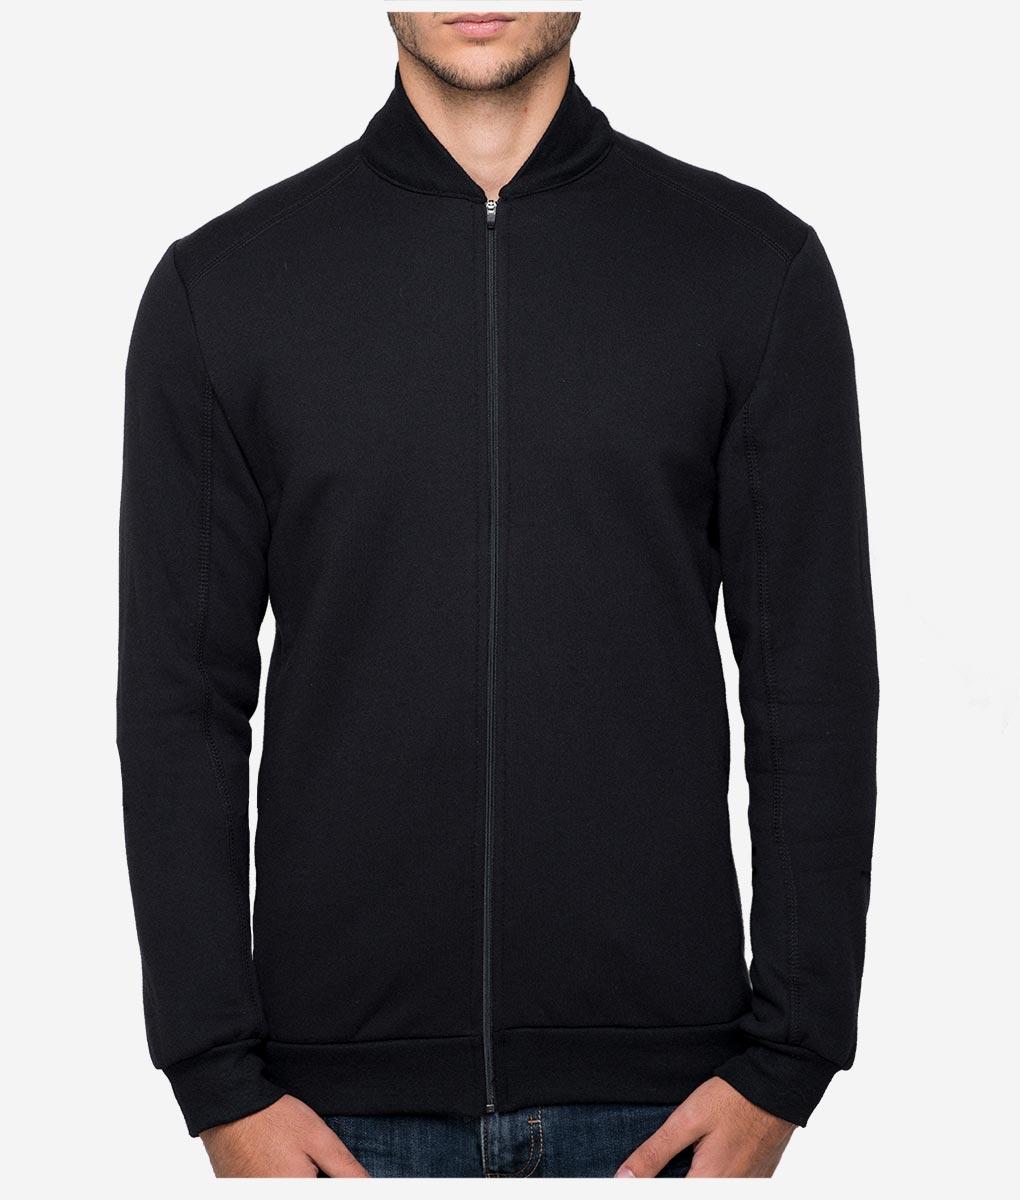 casual-cycling-black-rib-collar-jacket-front